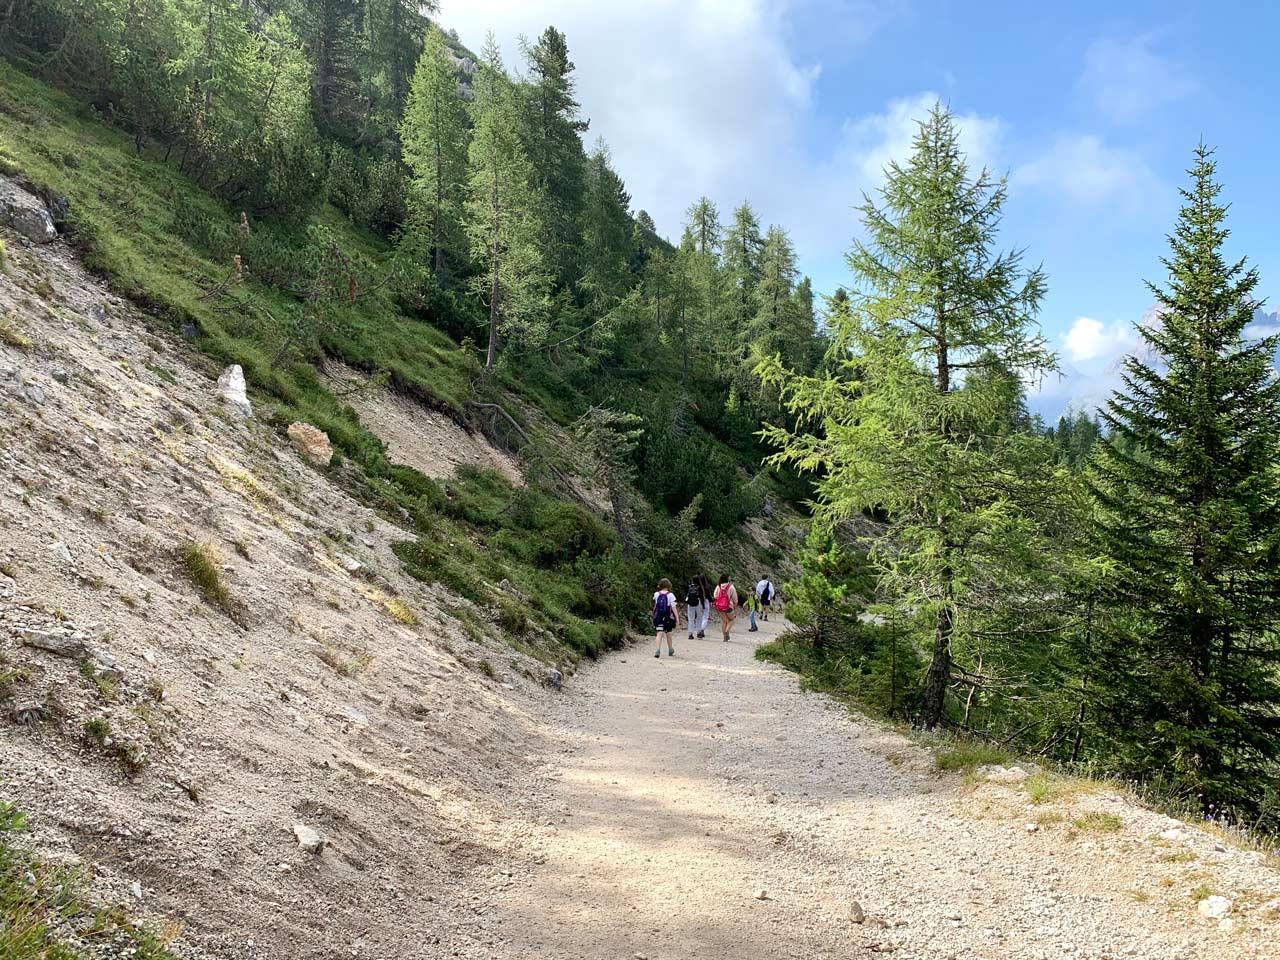 4-partenza-sentiero-misurina-col-de-varda-rifugio-citta-di-carpi